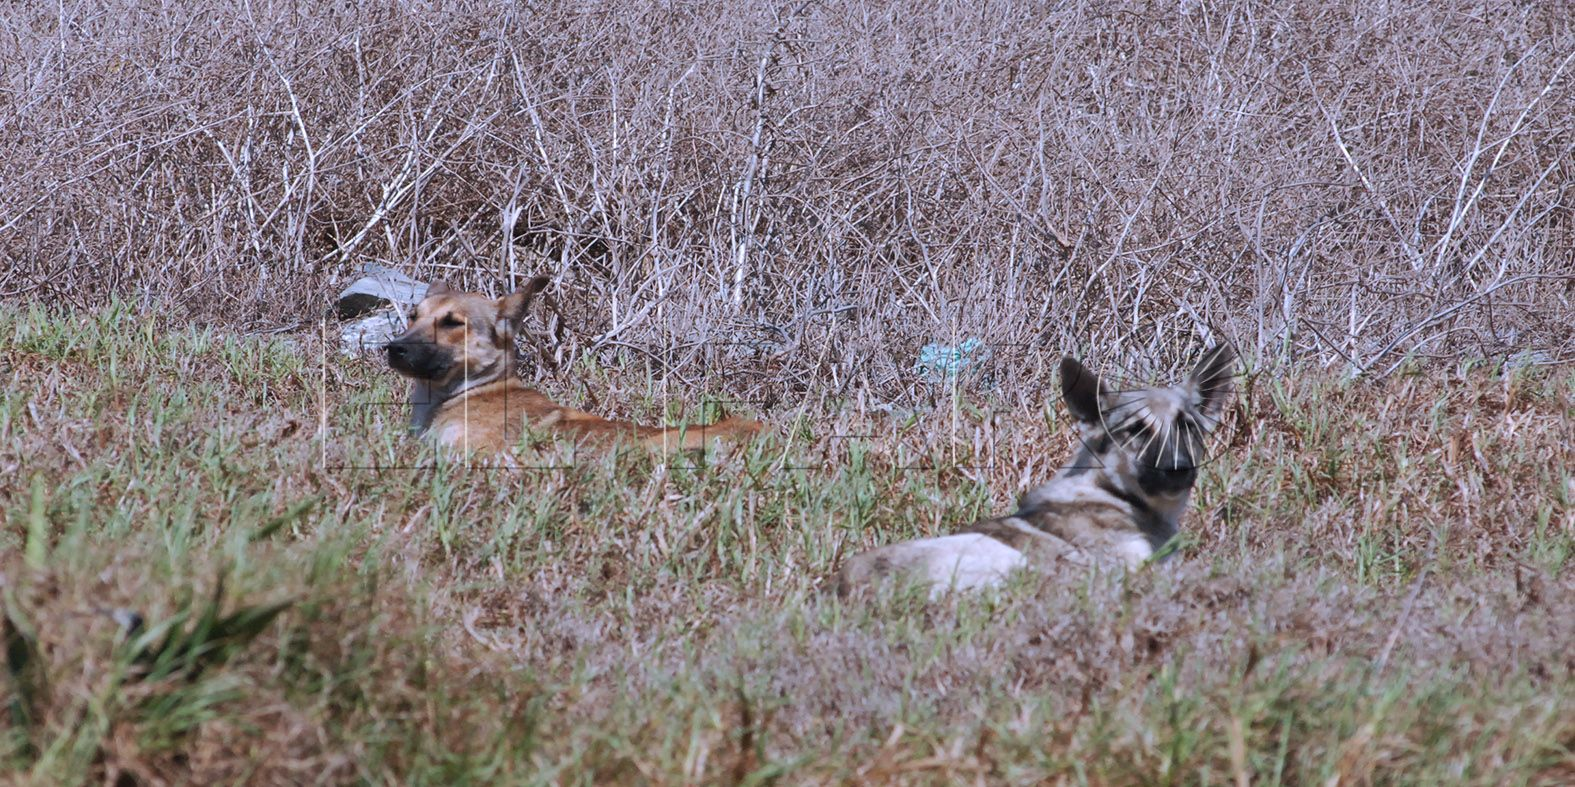 Sanidad pone jaulas-trampa para capturar a 15 perros asilvestrados